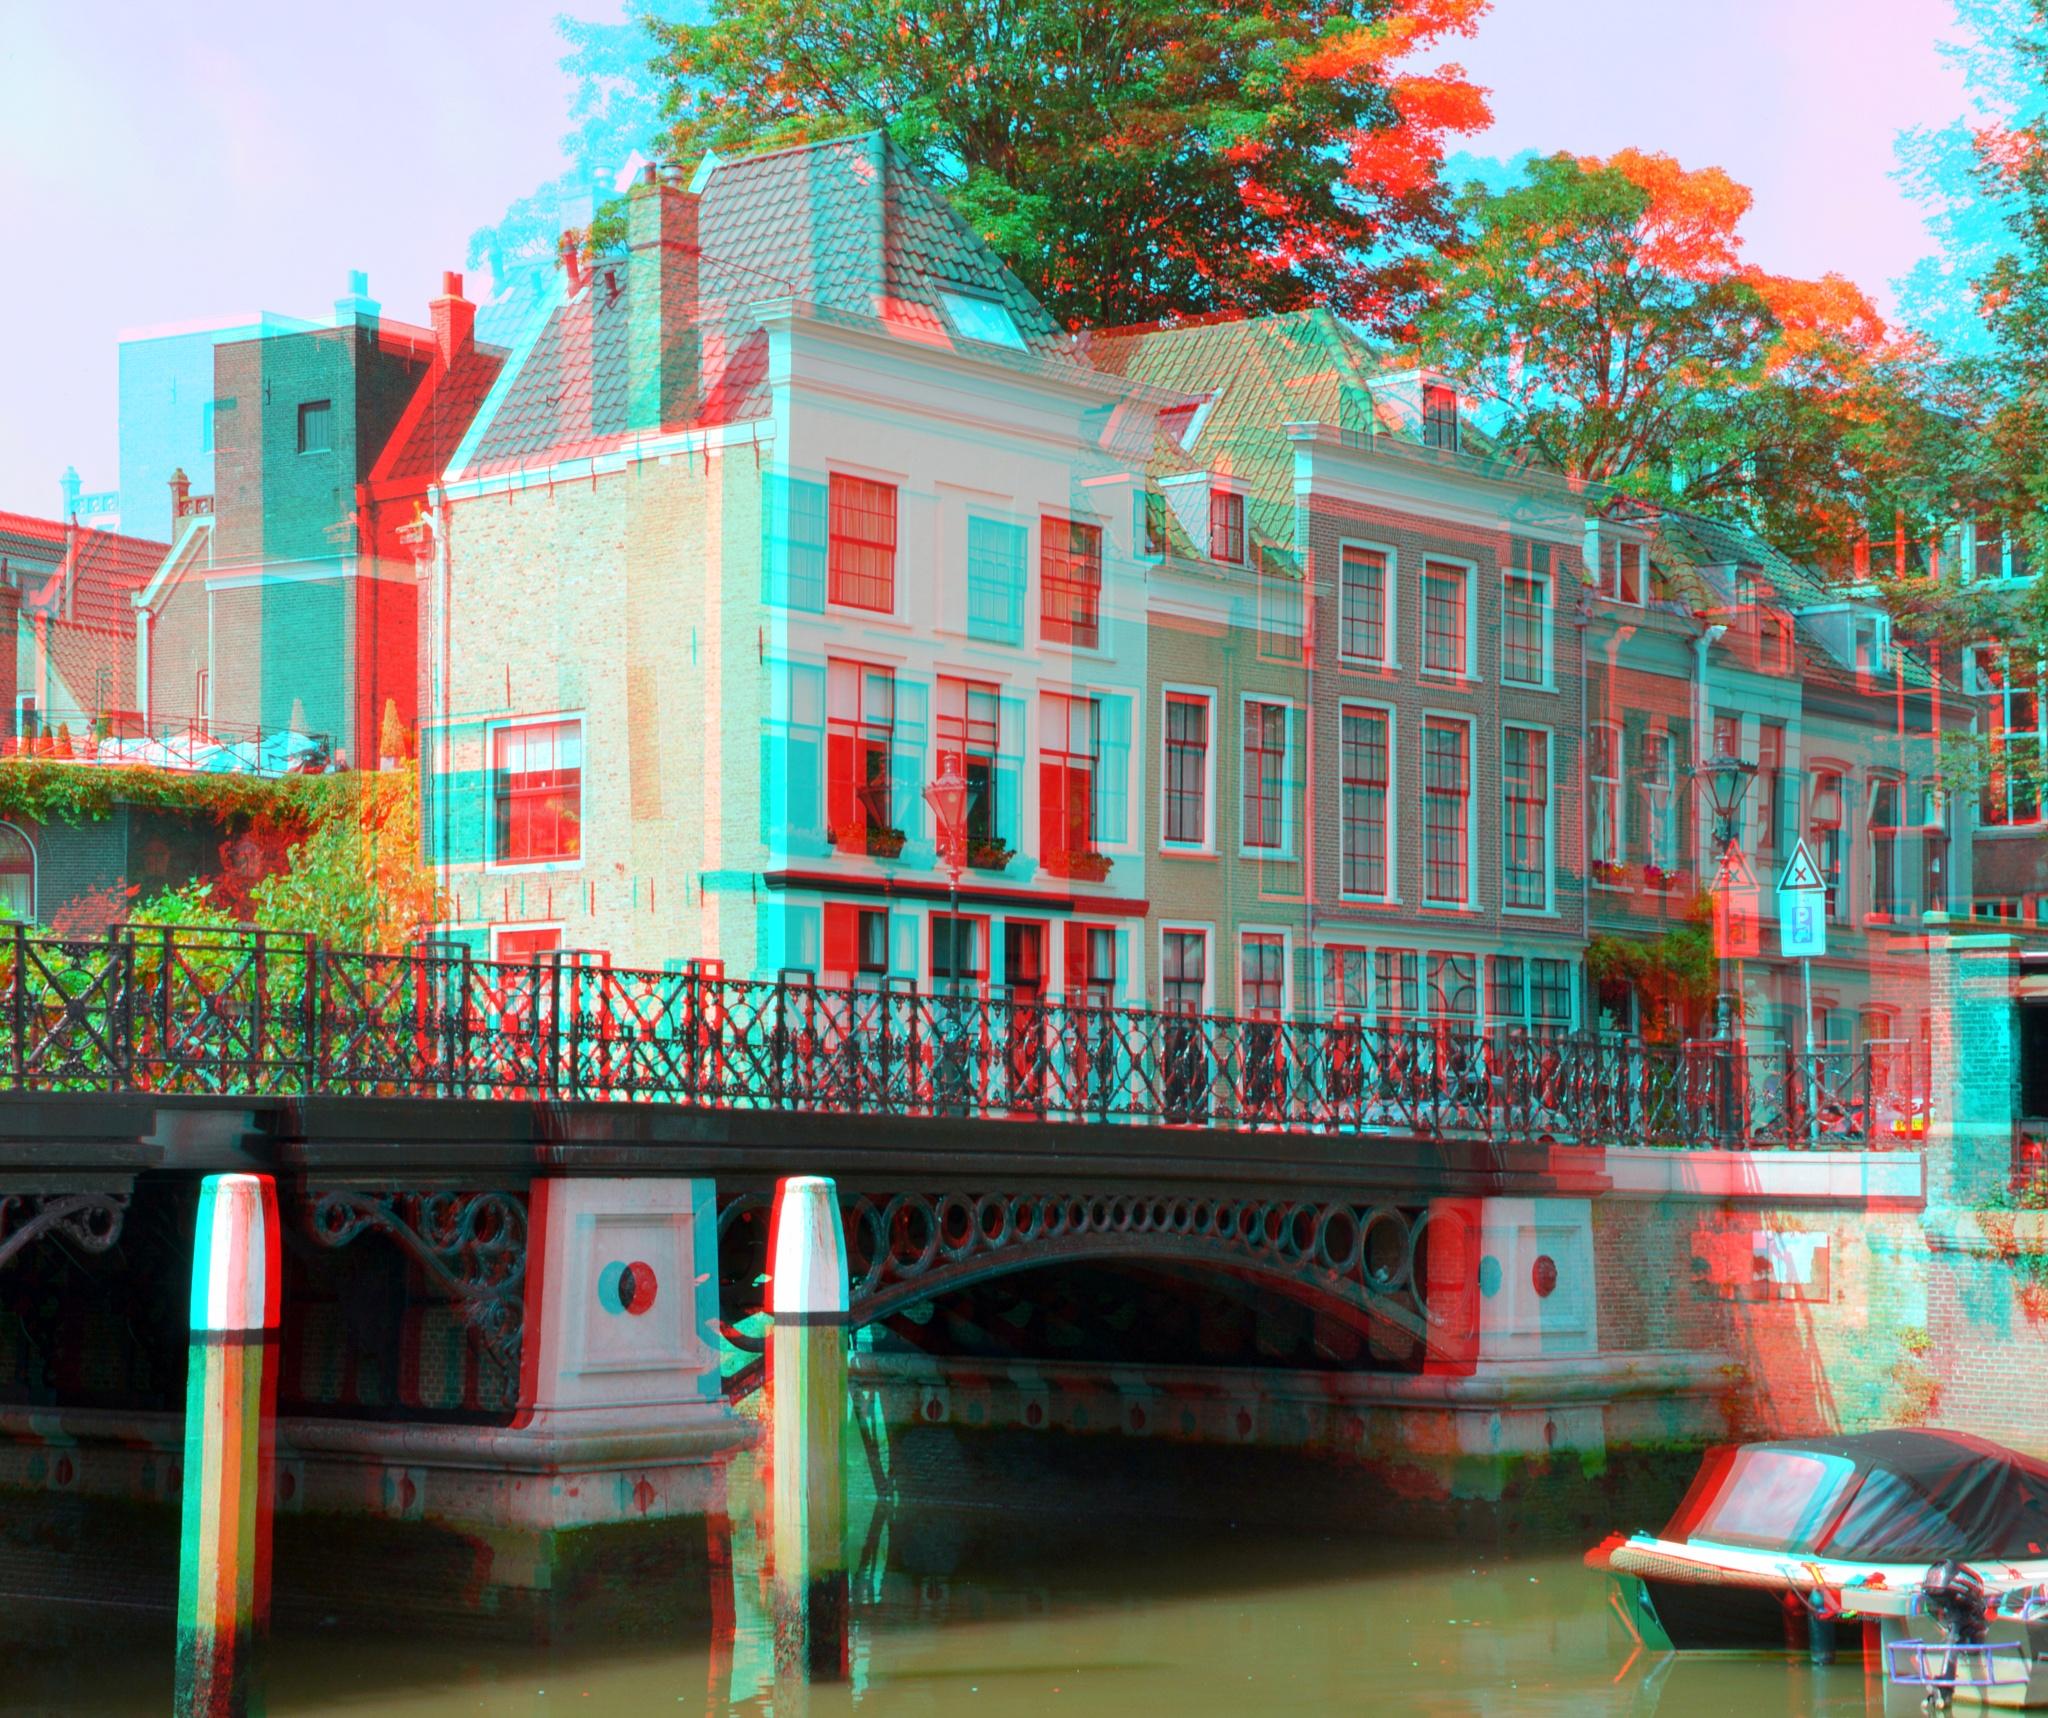 Dordrecht 3D by Wim Hoppenbrouwers